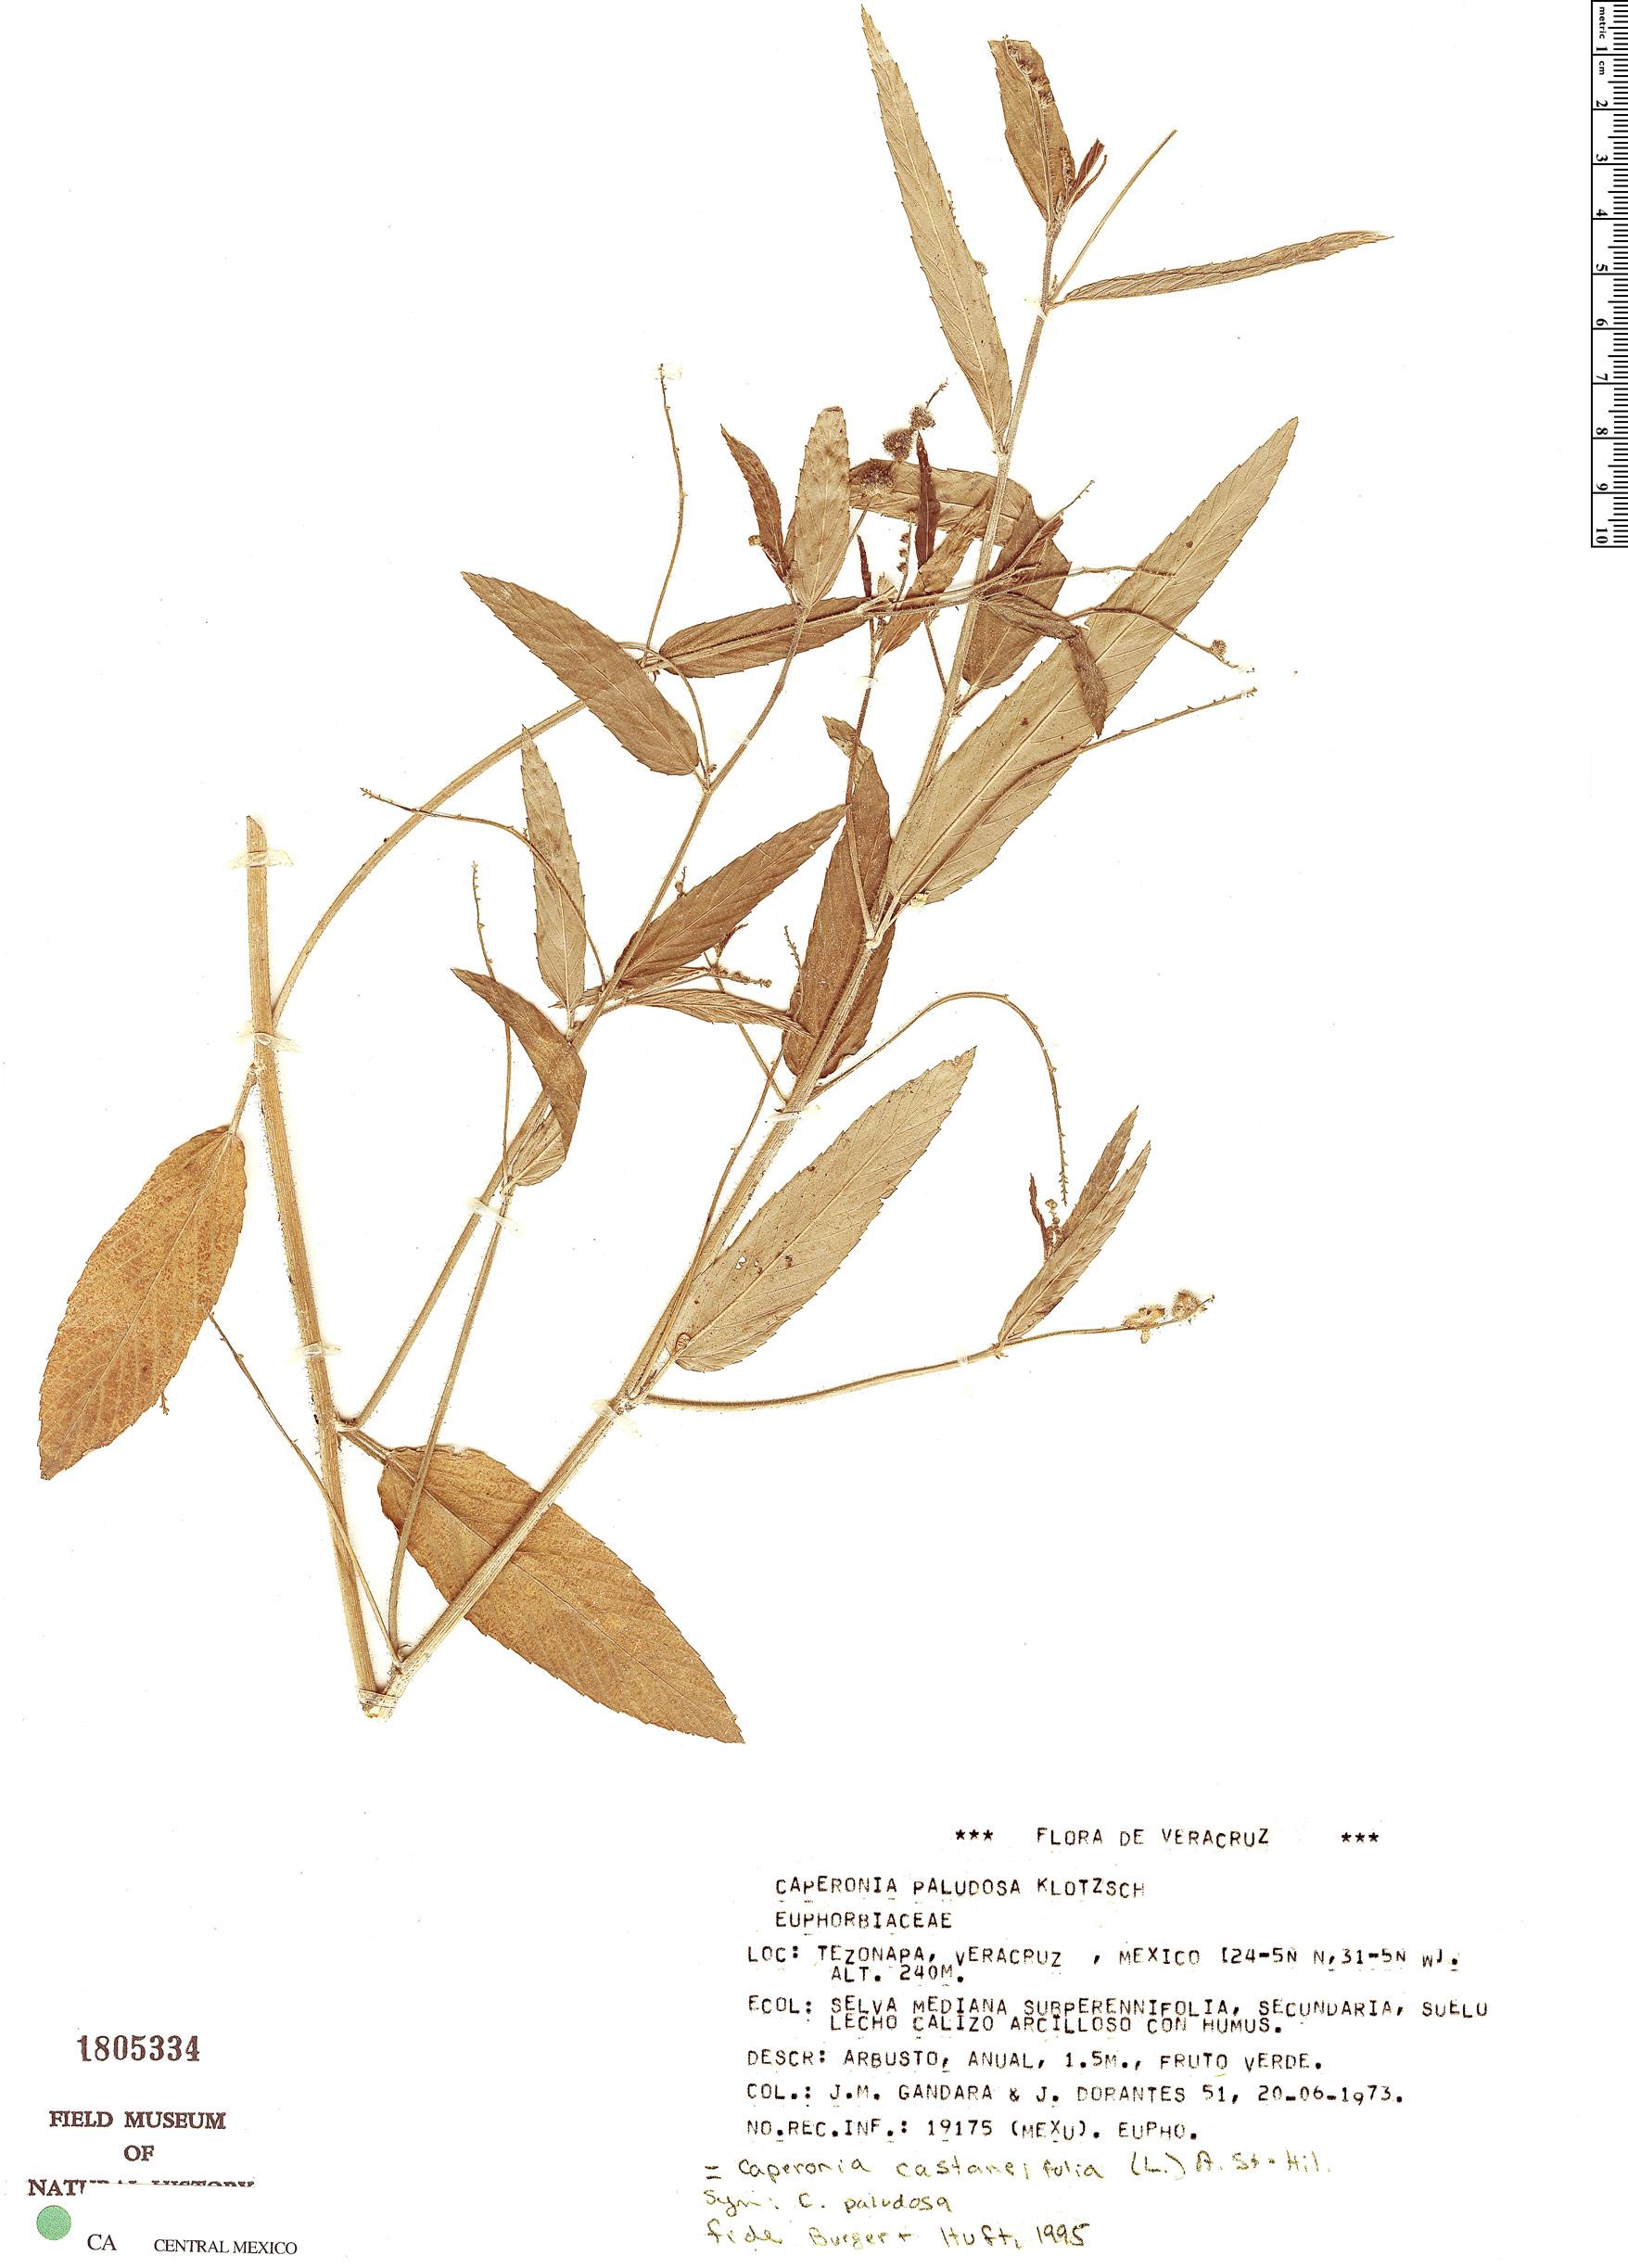 Specimen: Caperonia castaneifolia